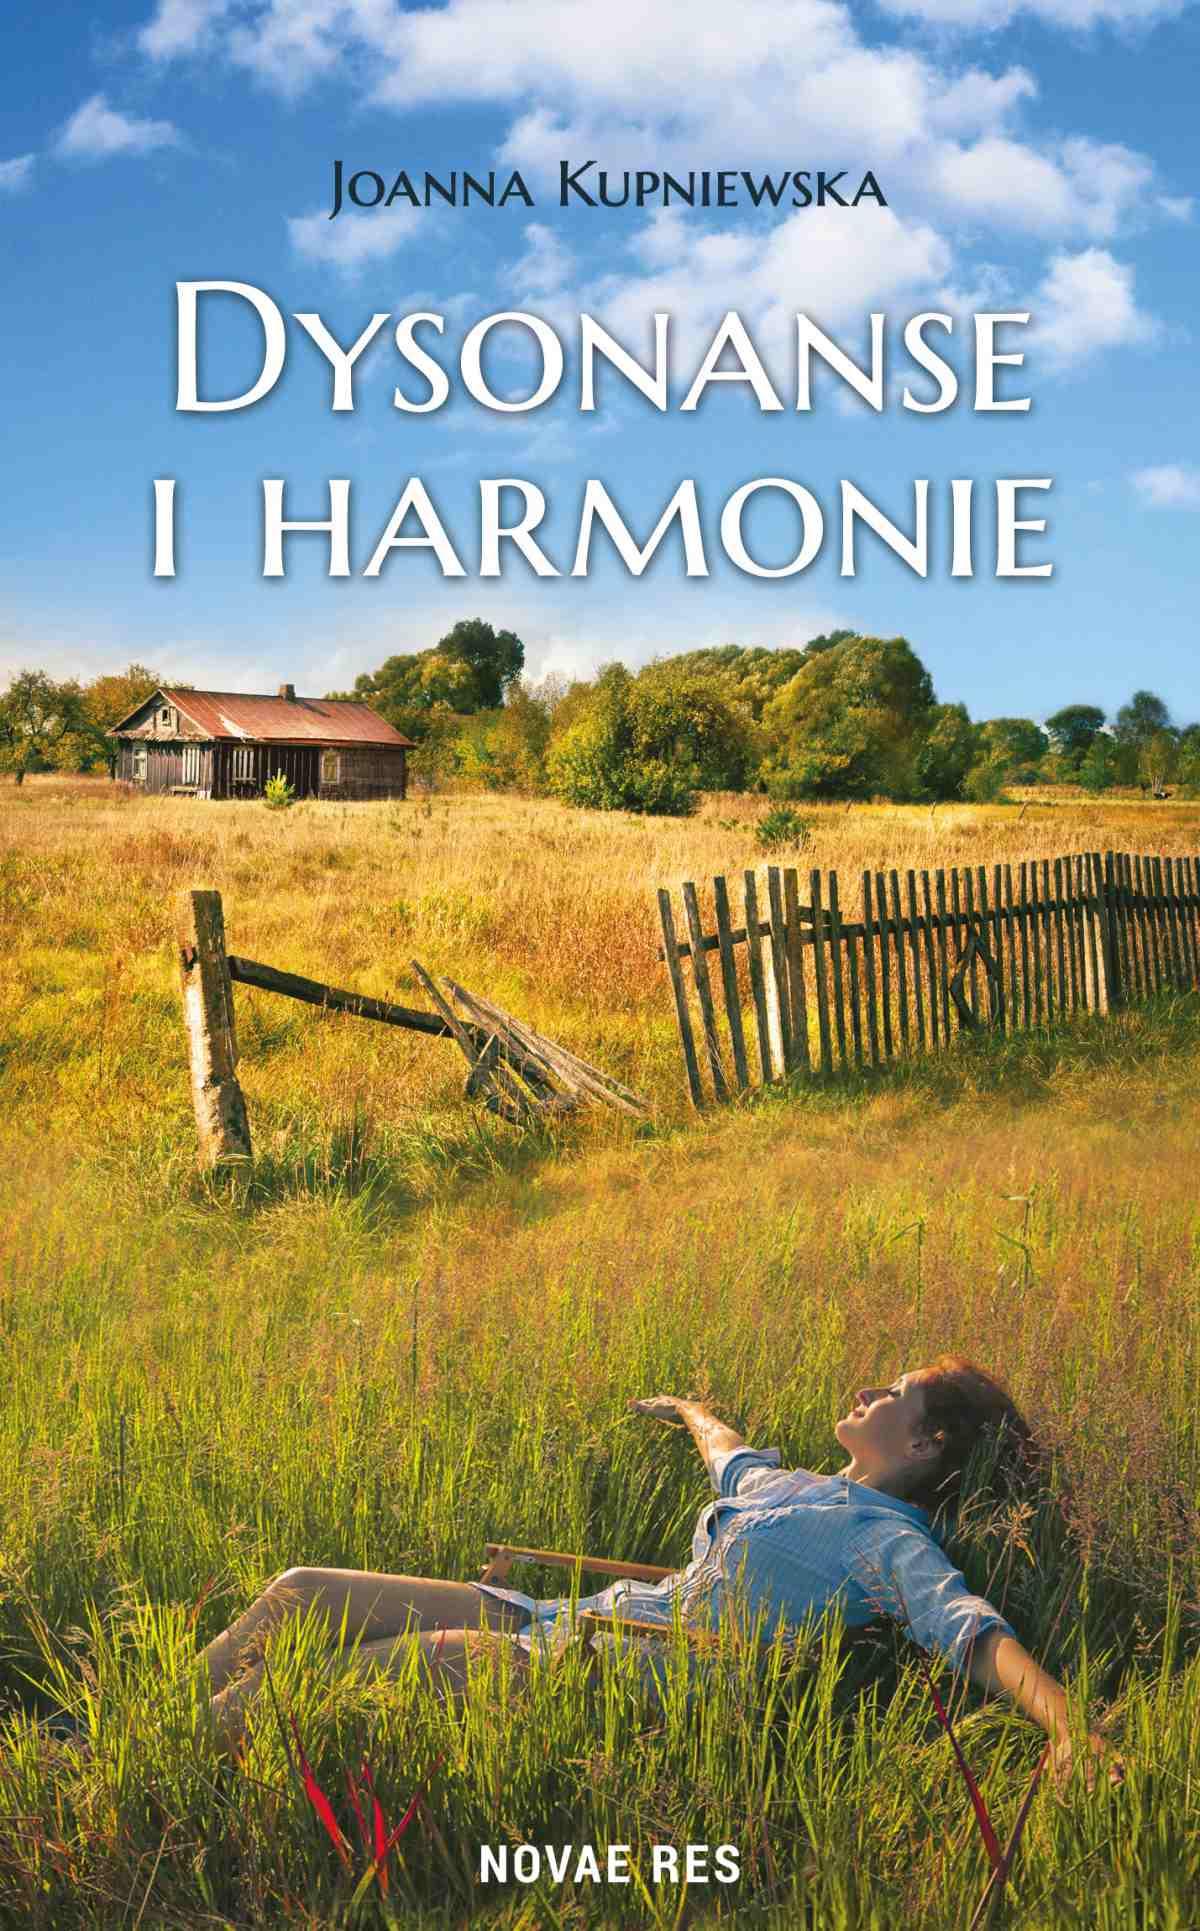 Dysonanse i harmonie - Ebook (Książka EPUB) do pobrania w formacie EPUB